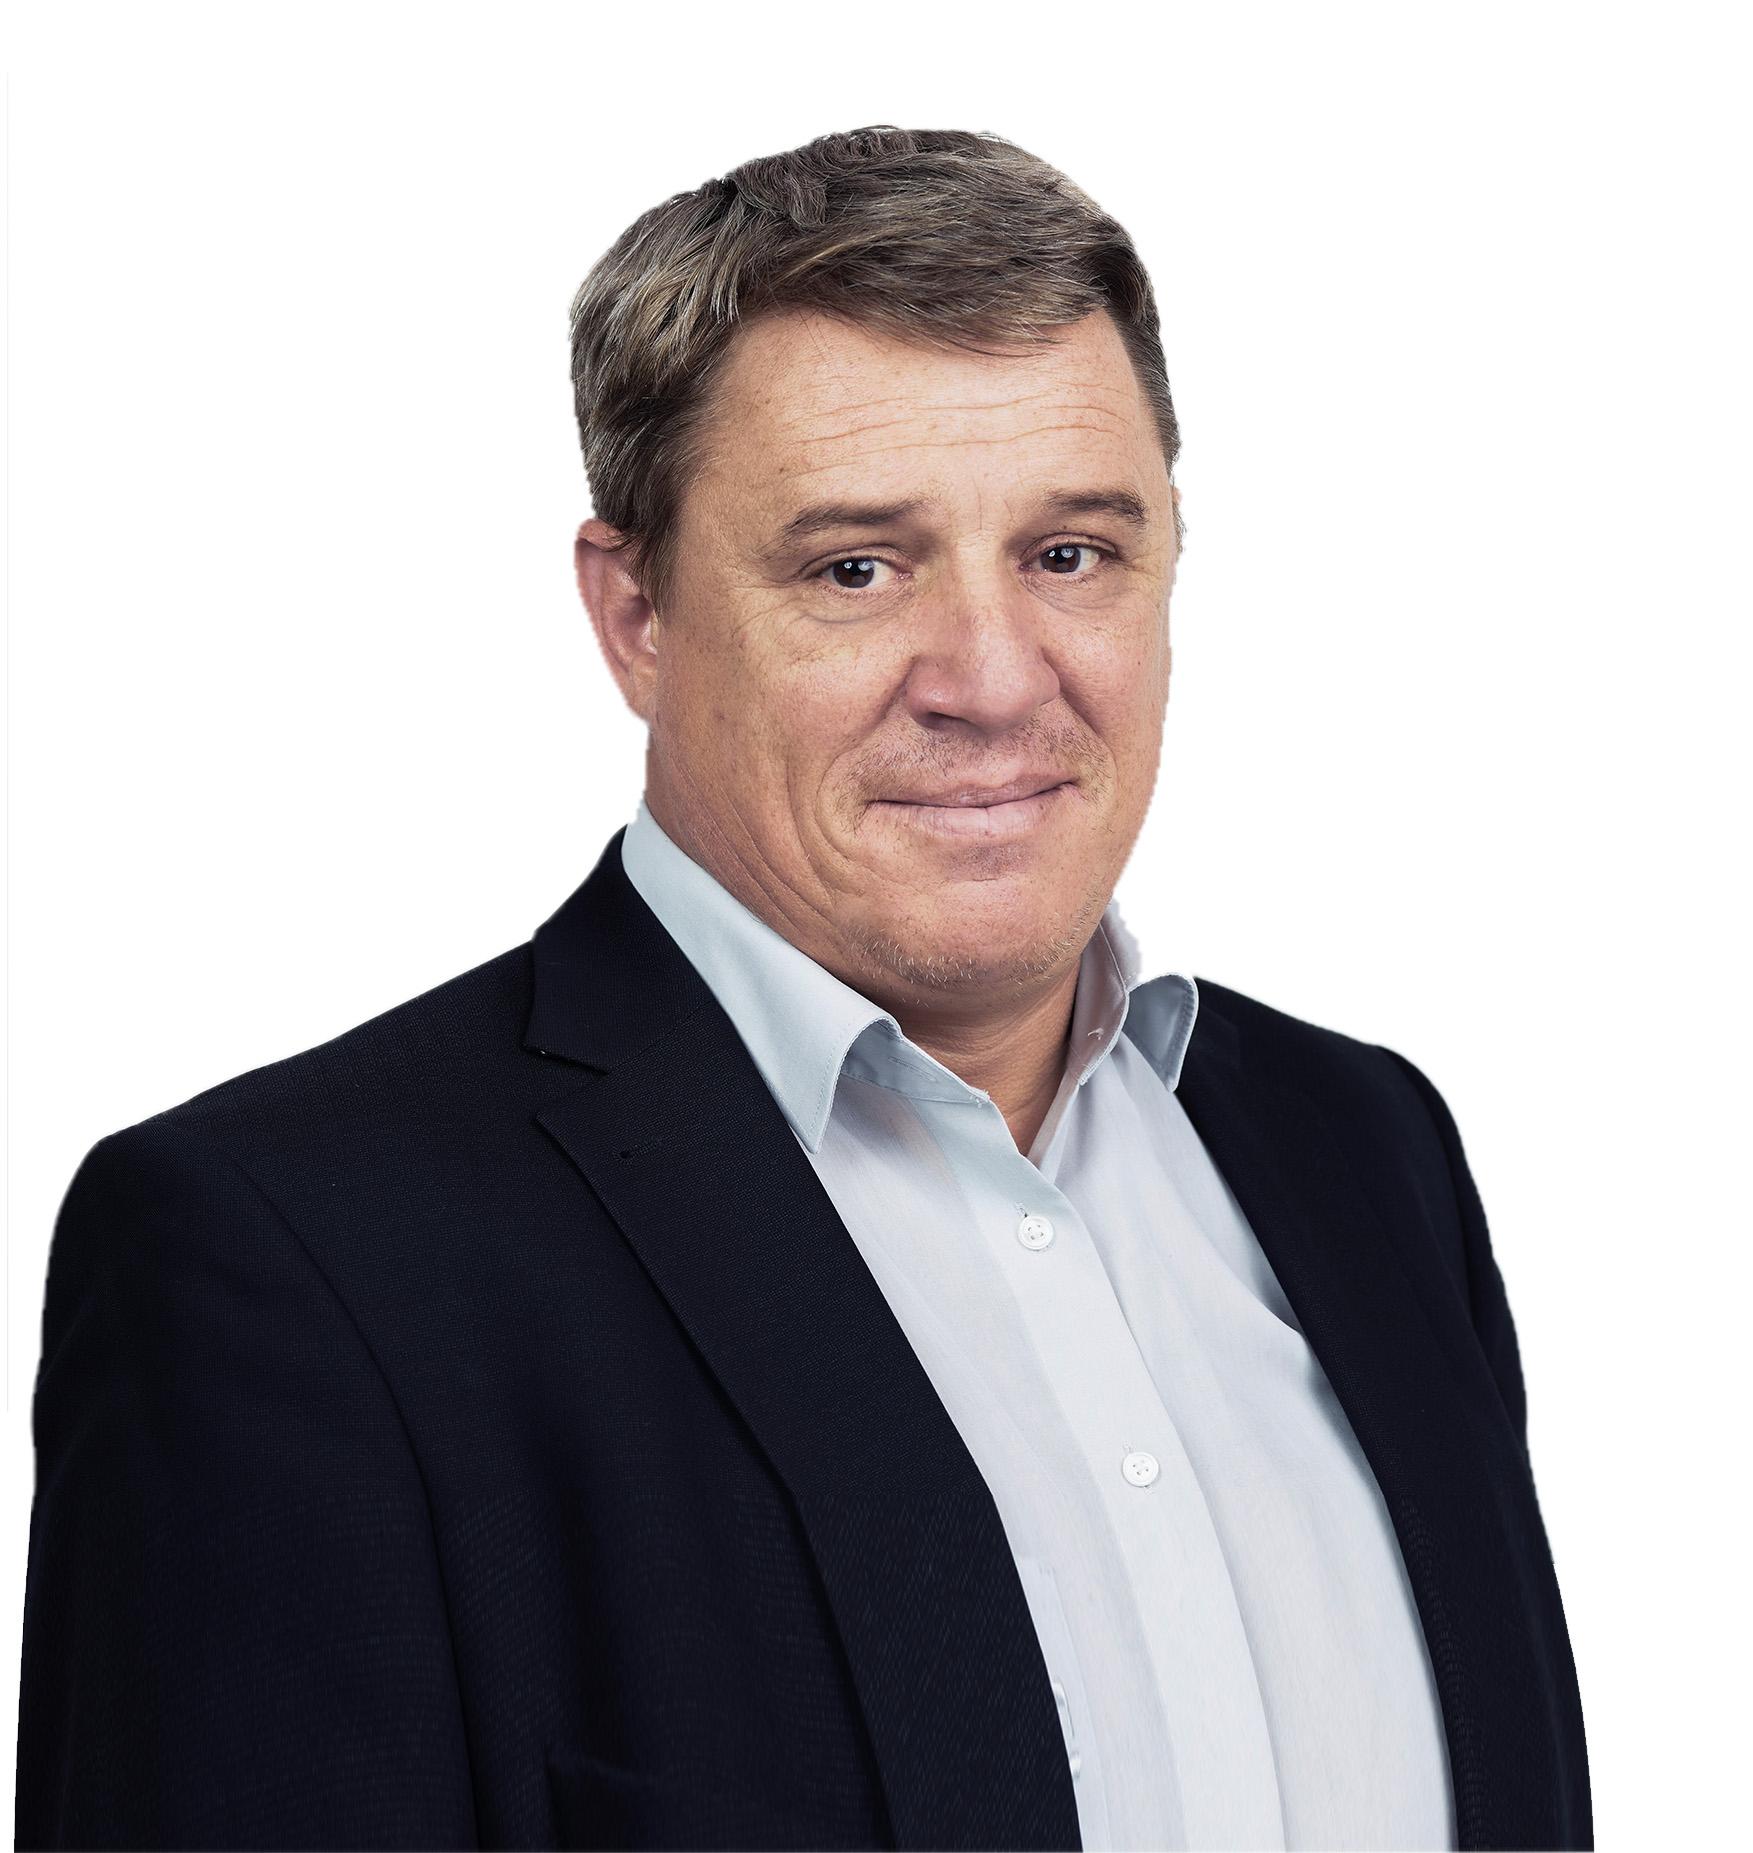 Frédéric Bielmann